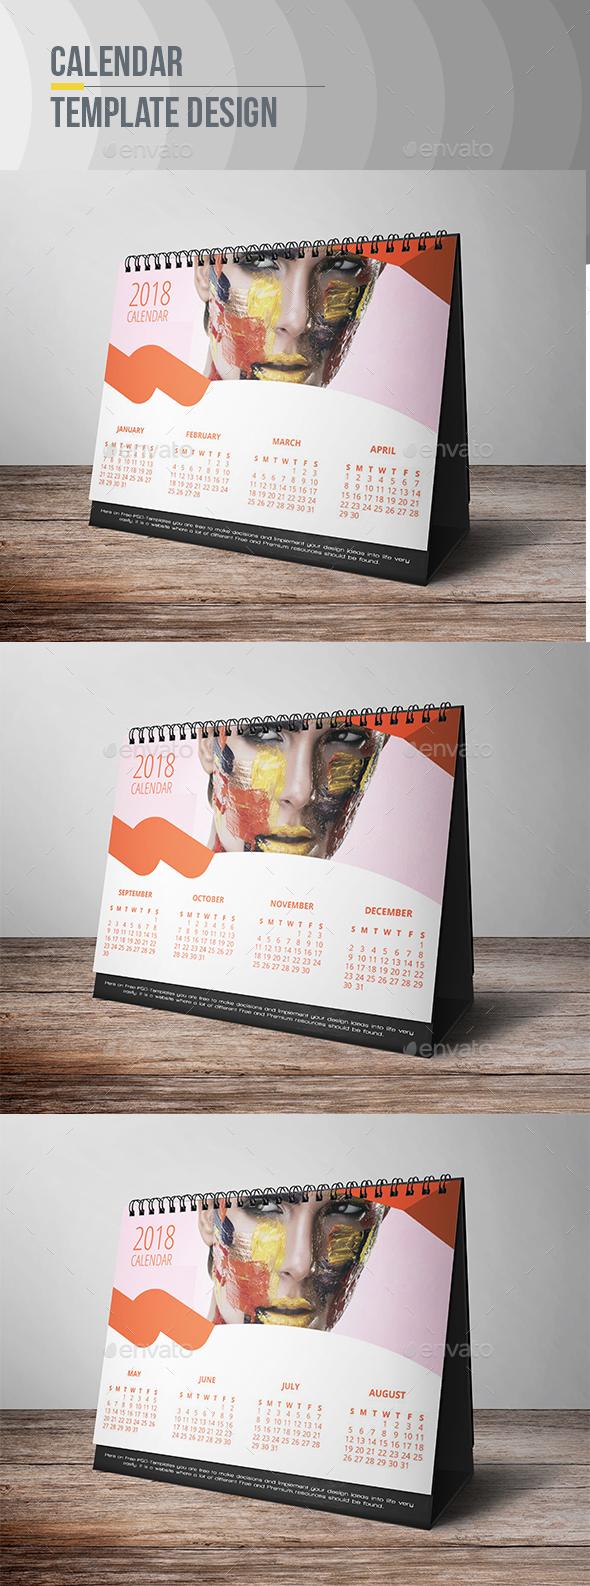 GraphicRiver Calendar Template 21028377